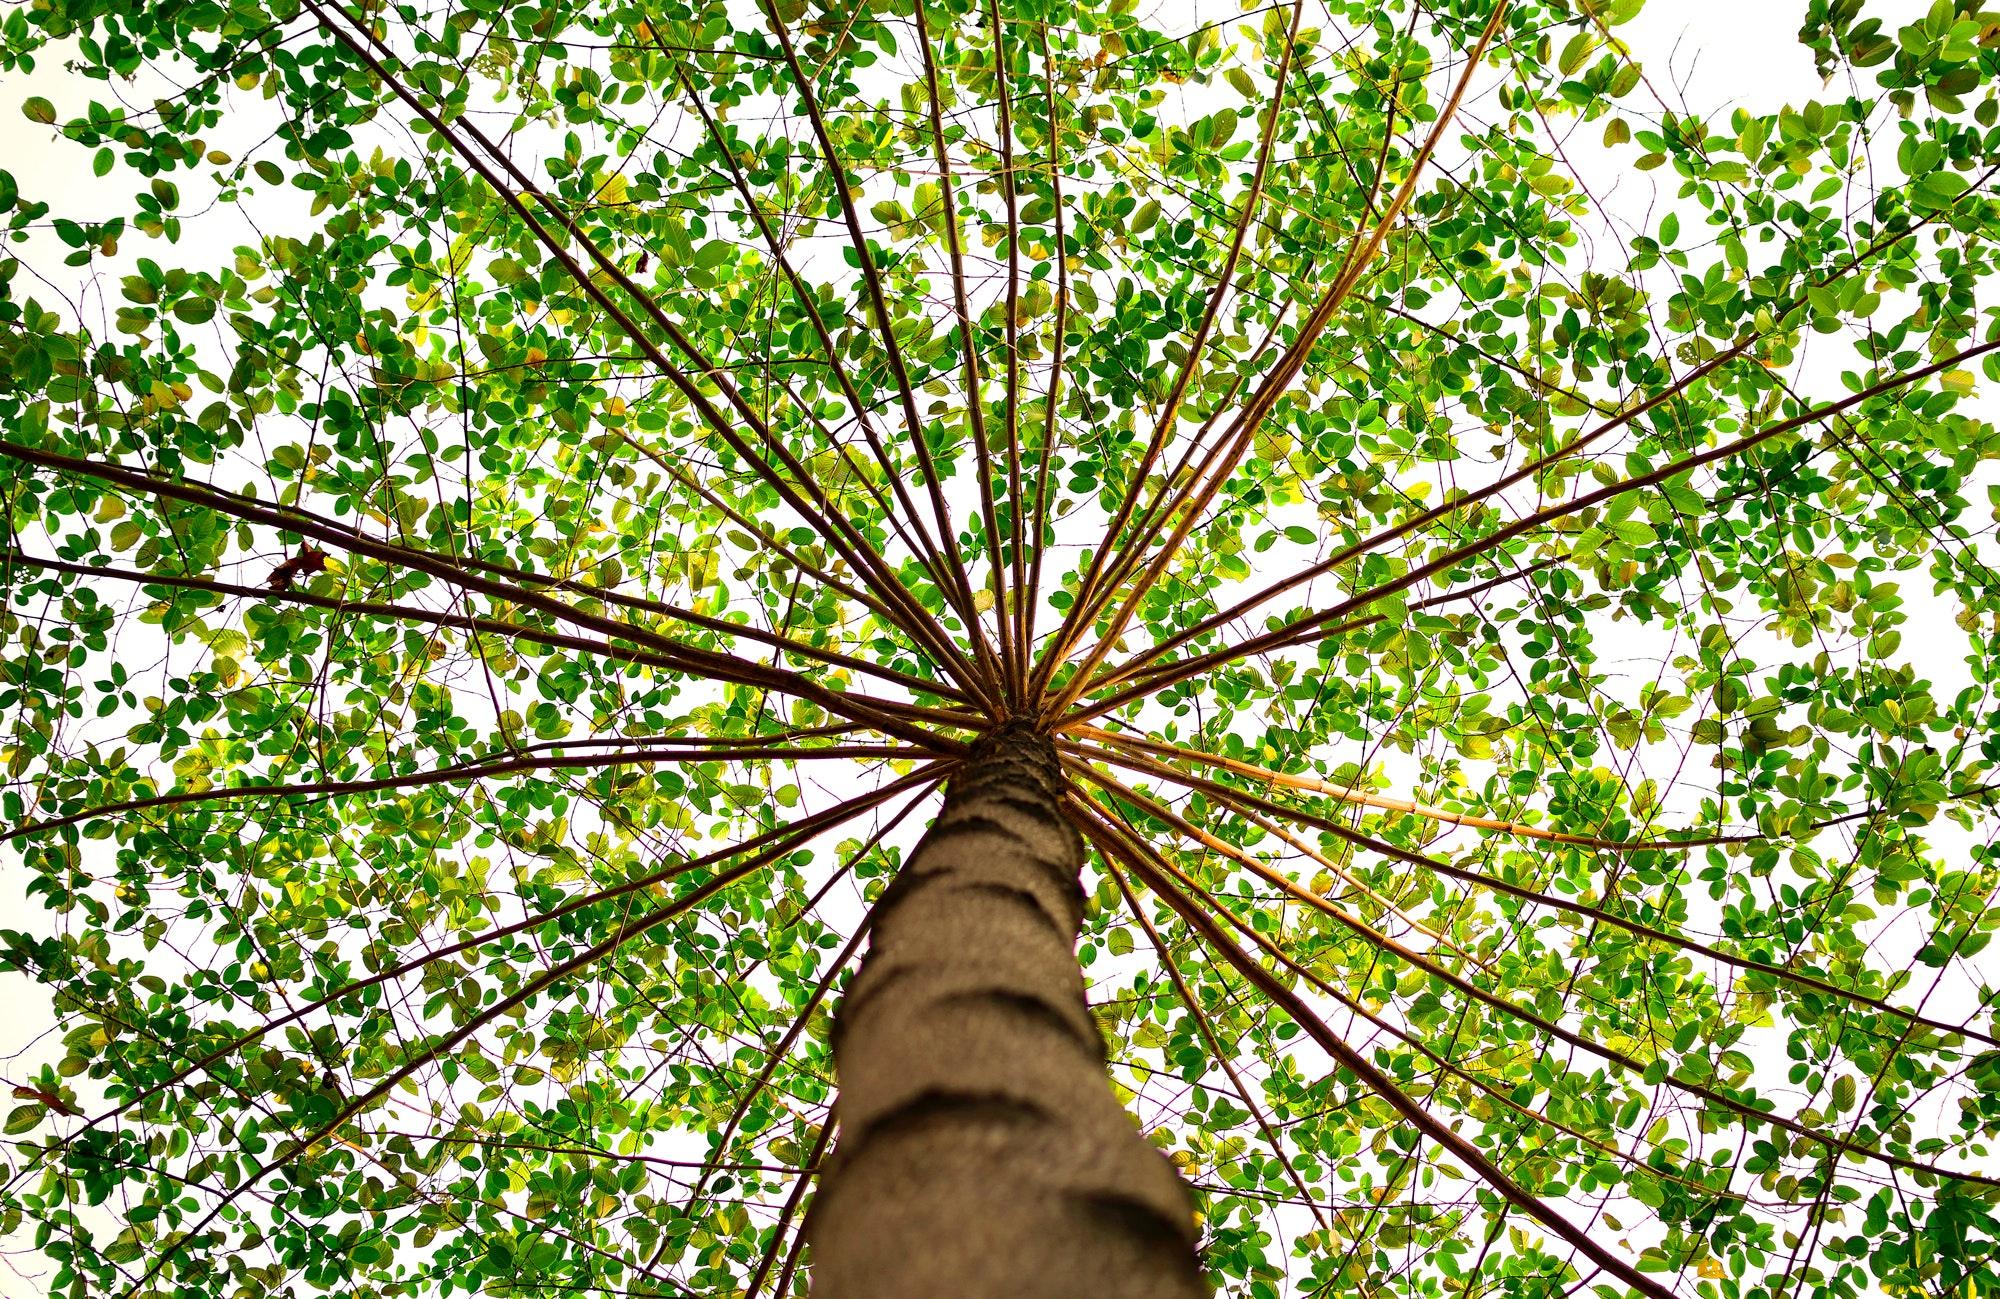 parquet ecologie durable arbre